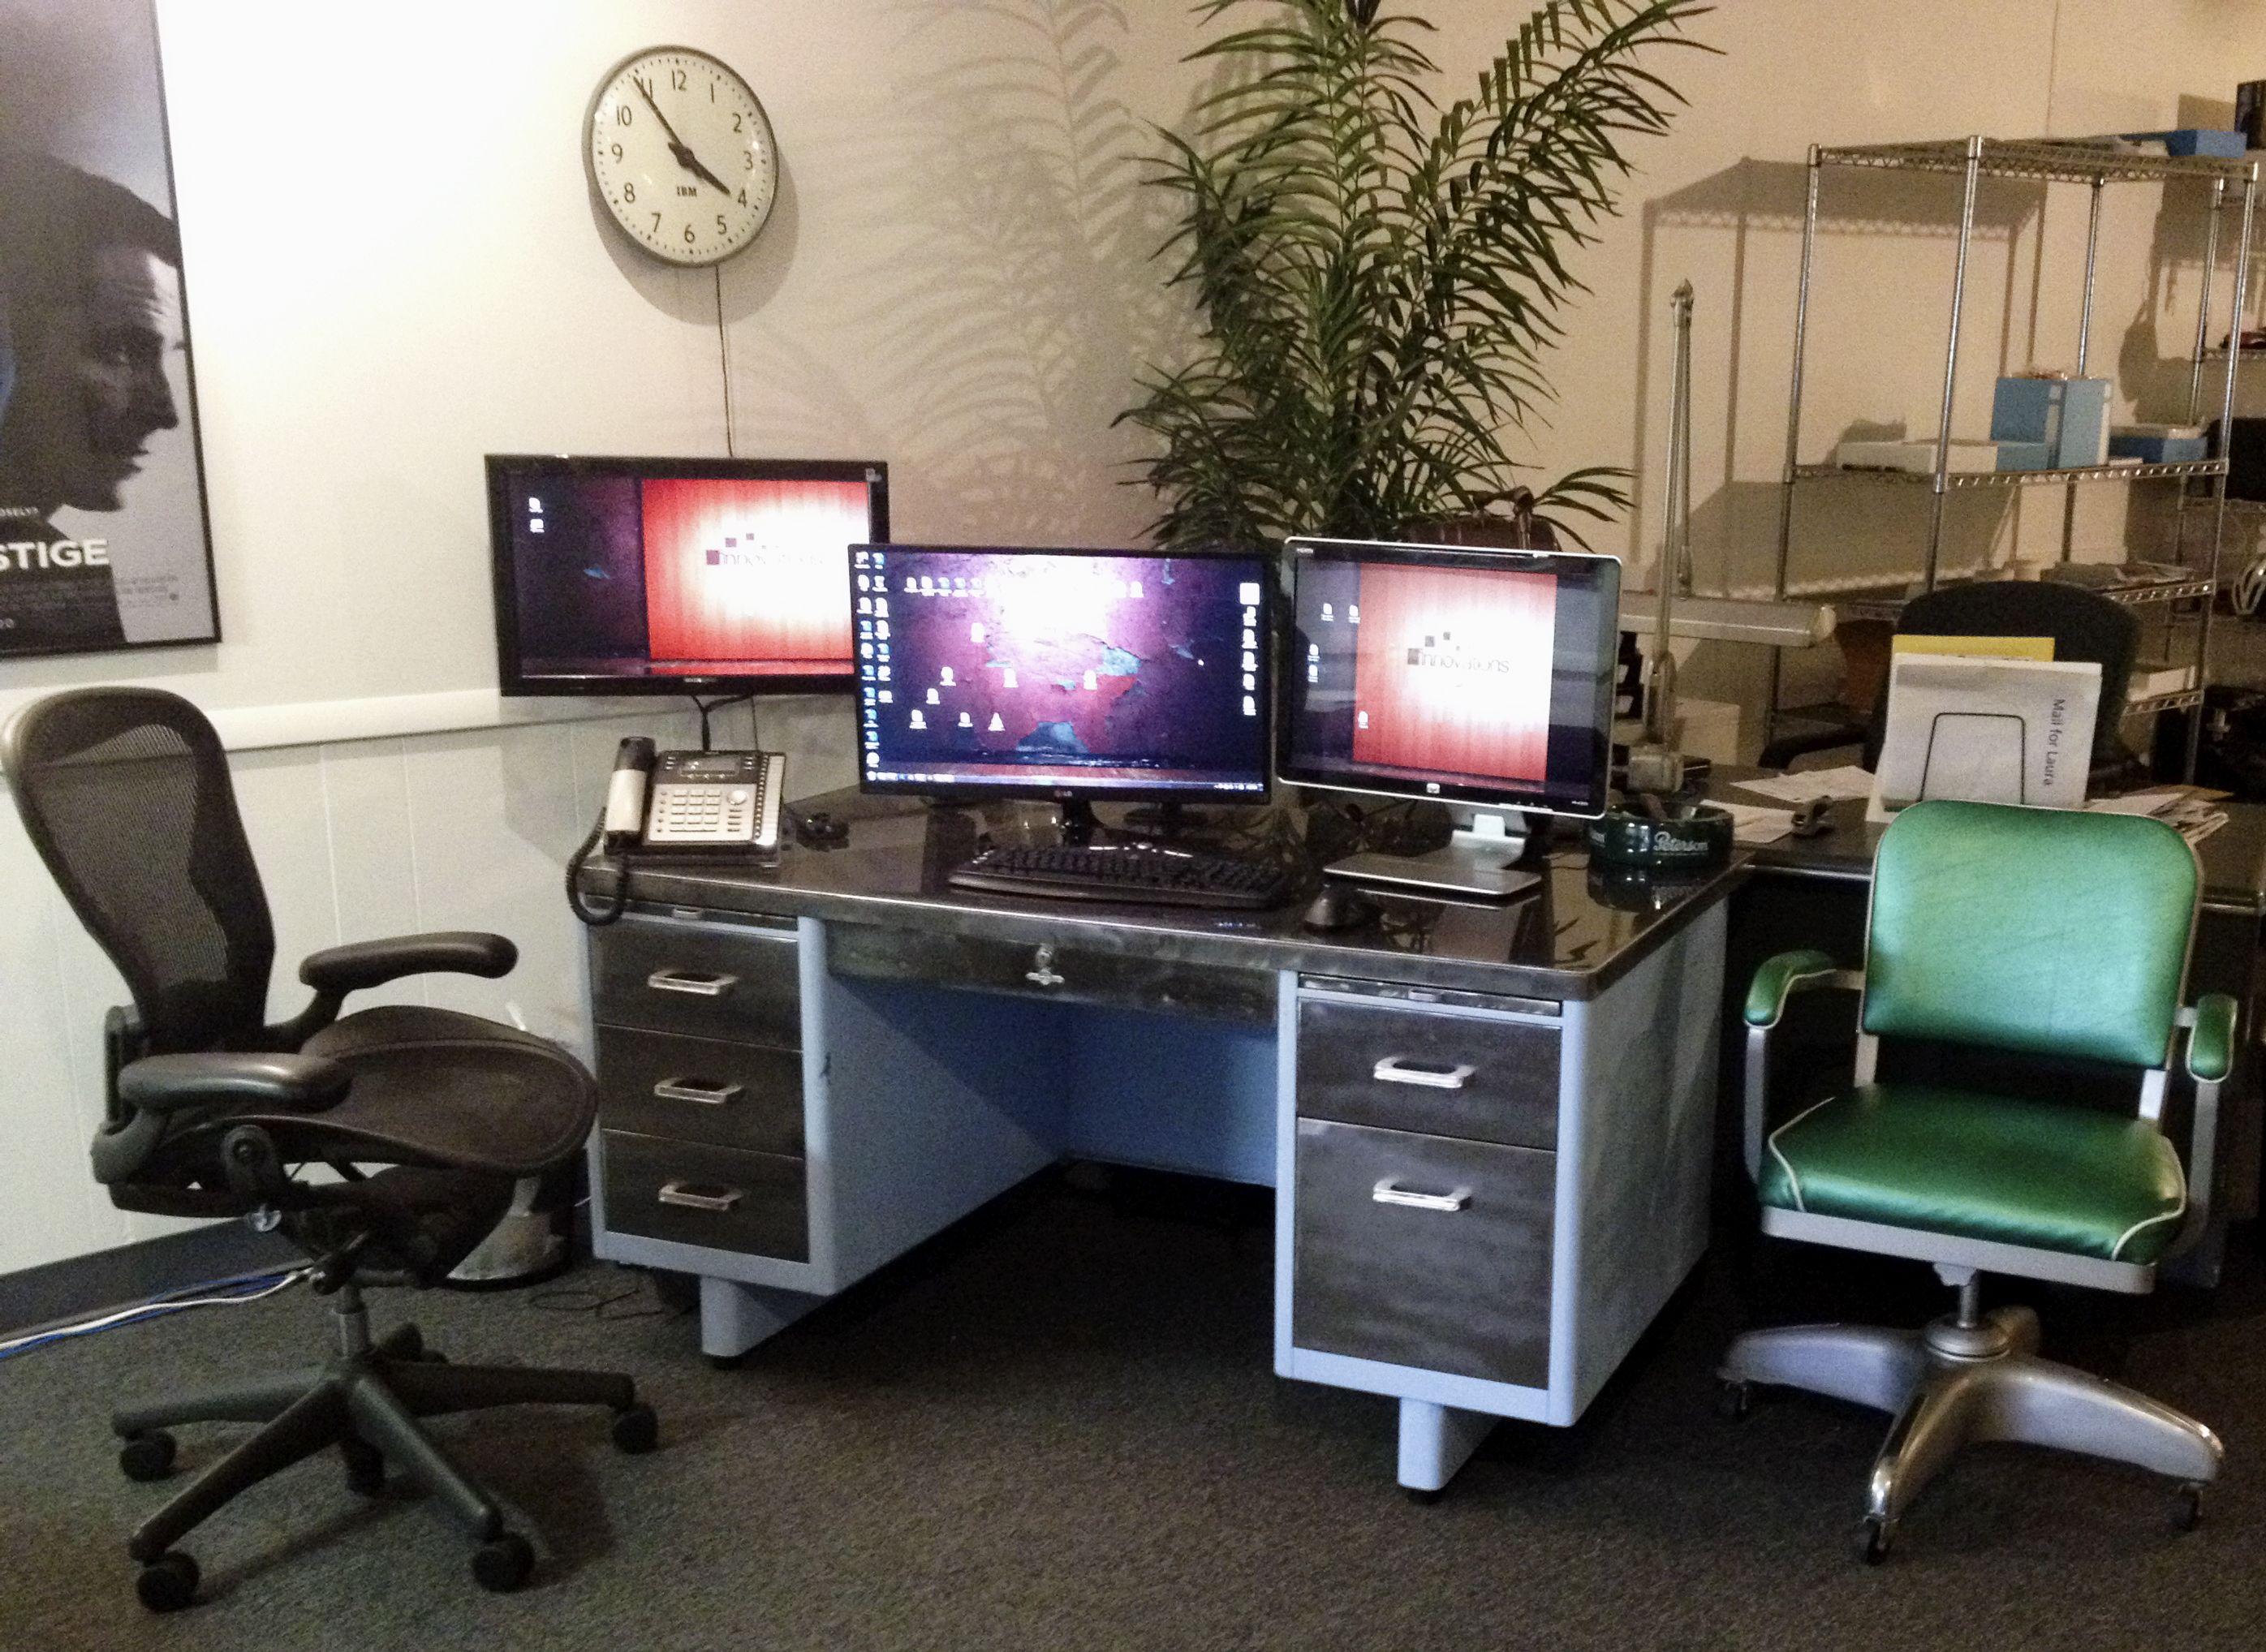 Tanker desk restoration and vintage metal office chair